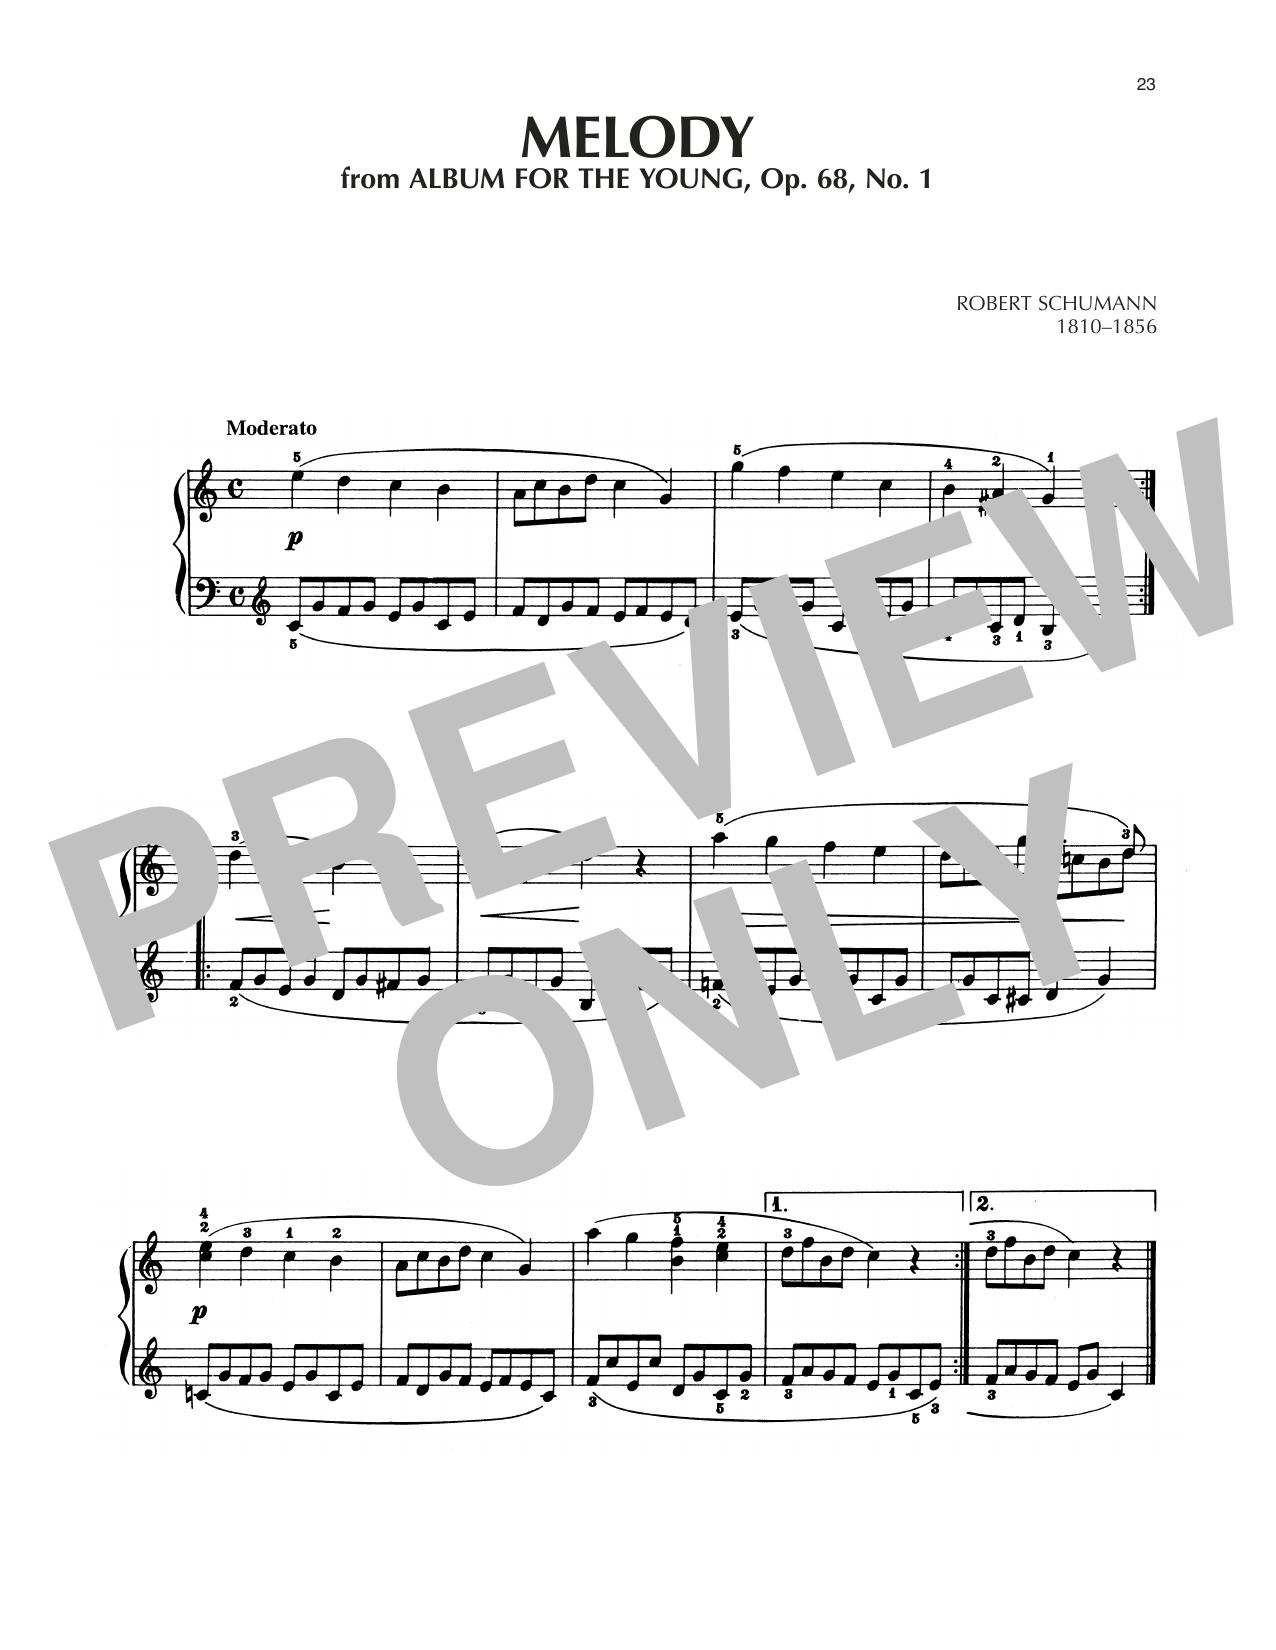 Melody, Op. 68, No. 1 Sheet Music